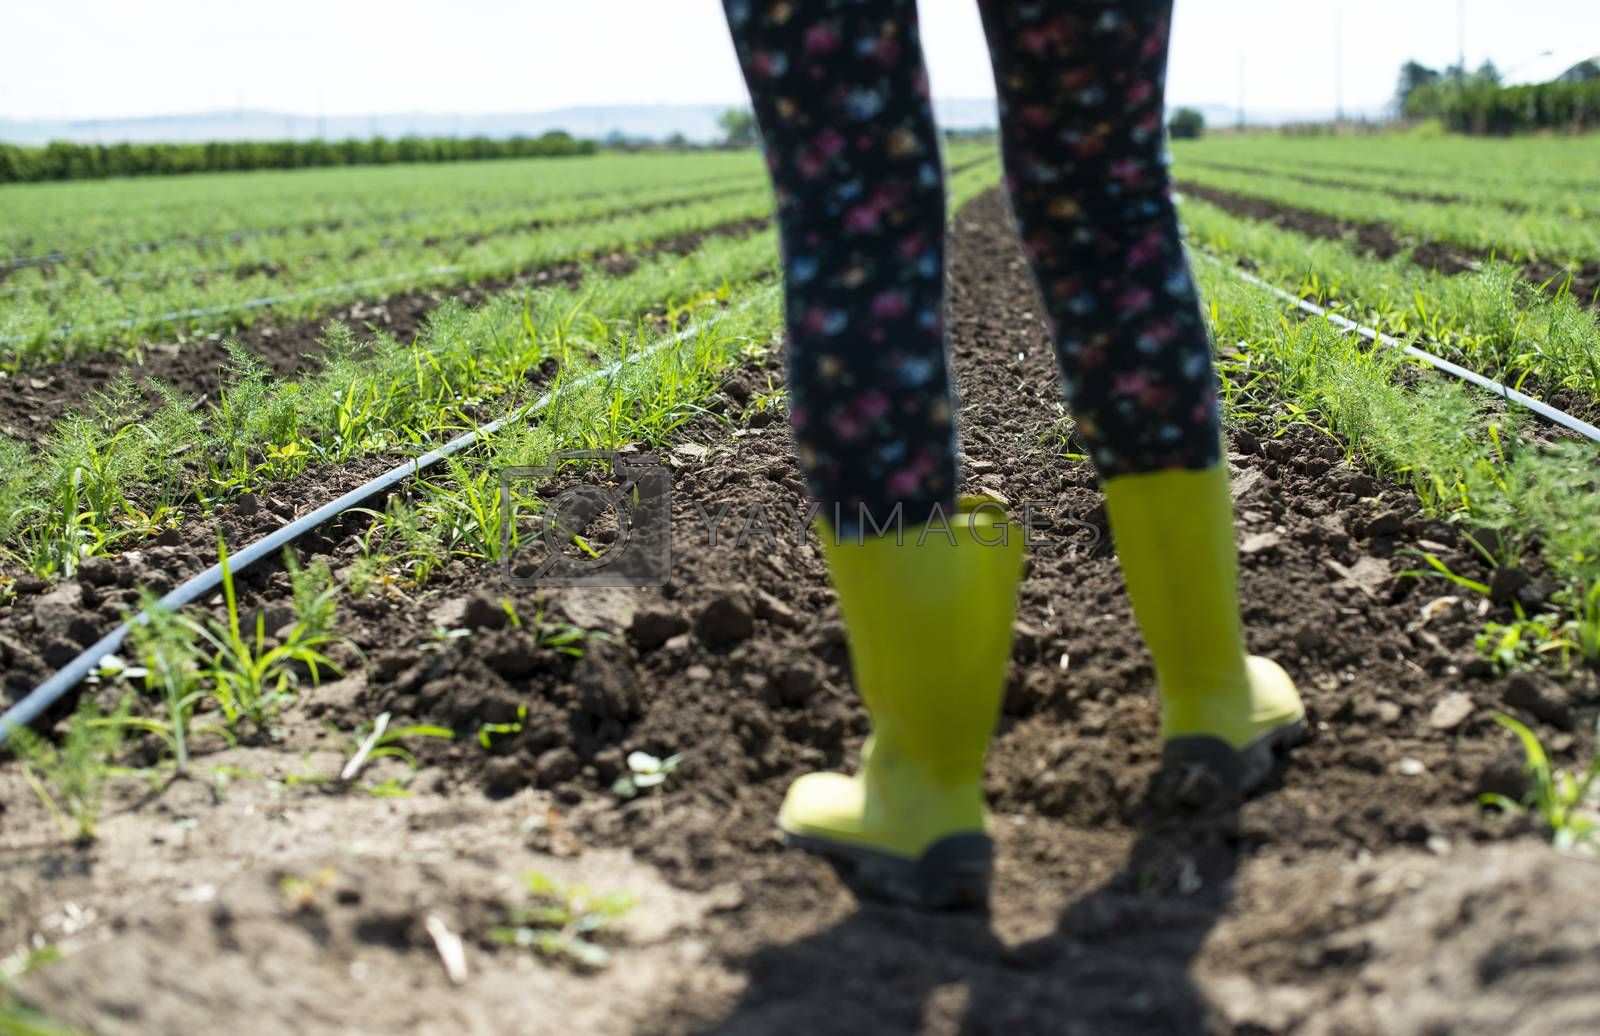 Woman farmer with boots in Fennel plantation. Growing fennel in big industrial farm.